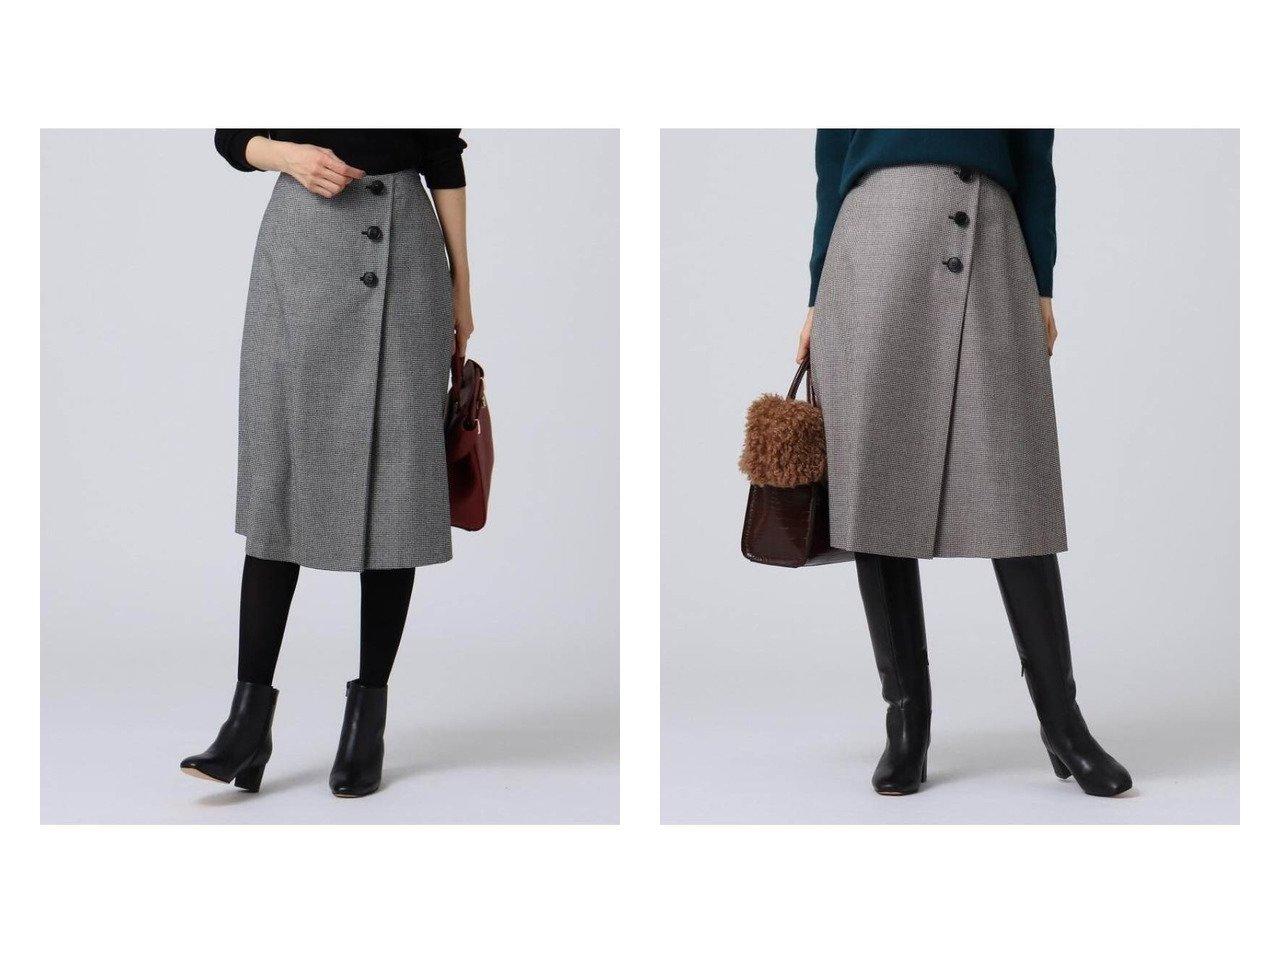 【UNTITLED/アンタイトル】の巻き風タックフレアスカート スカートのおすすめ!人気、トレンド・レディースファッションの通販 おすすめで人気の流行・トレンド、ファッションの通販商品 メンズファッション・キッズファッション・インテリア・家具・レディースファッション・服の通販 founy(ファニー) https://founy.com/ ファッション Fashion レディースファッション WOMEN スカート Skirt Aライン/フレアスカート Flared A-Line Skirts フェミニン フレア |ID:crp329100000011768